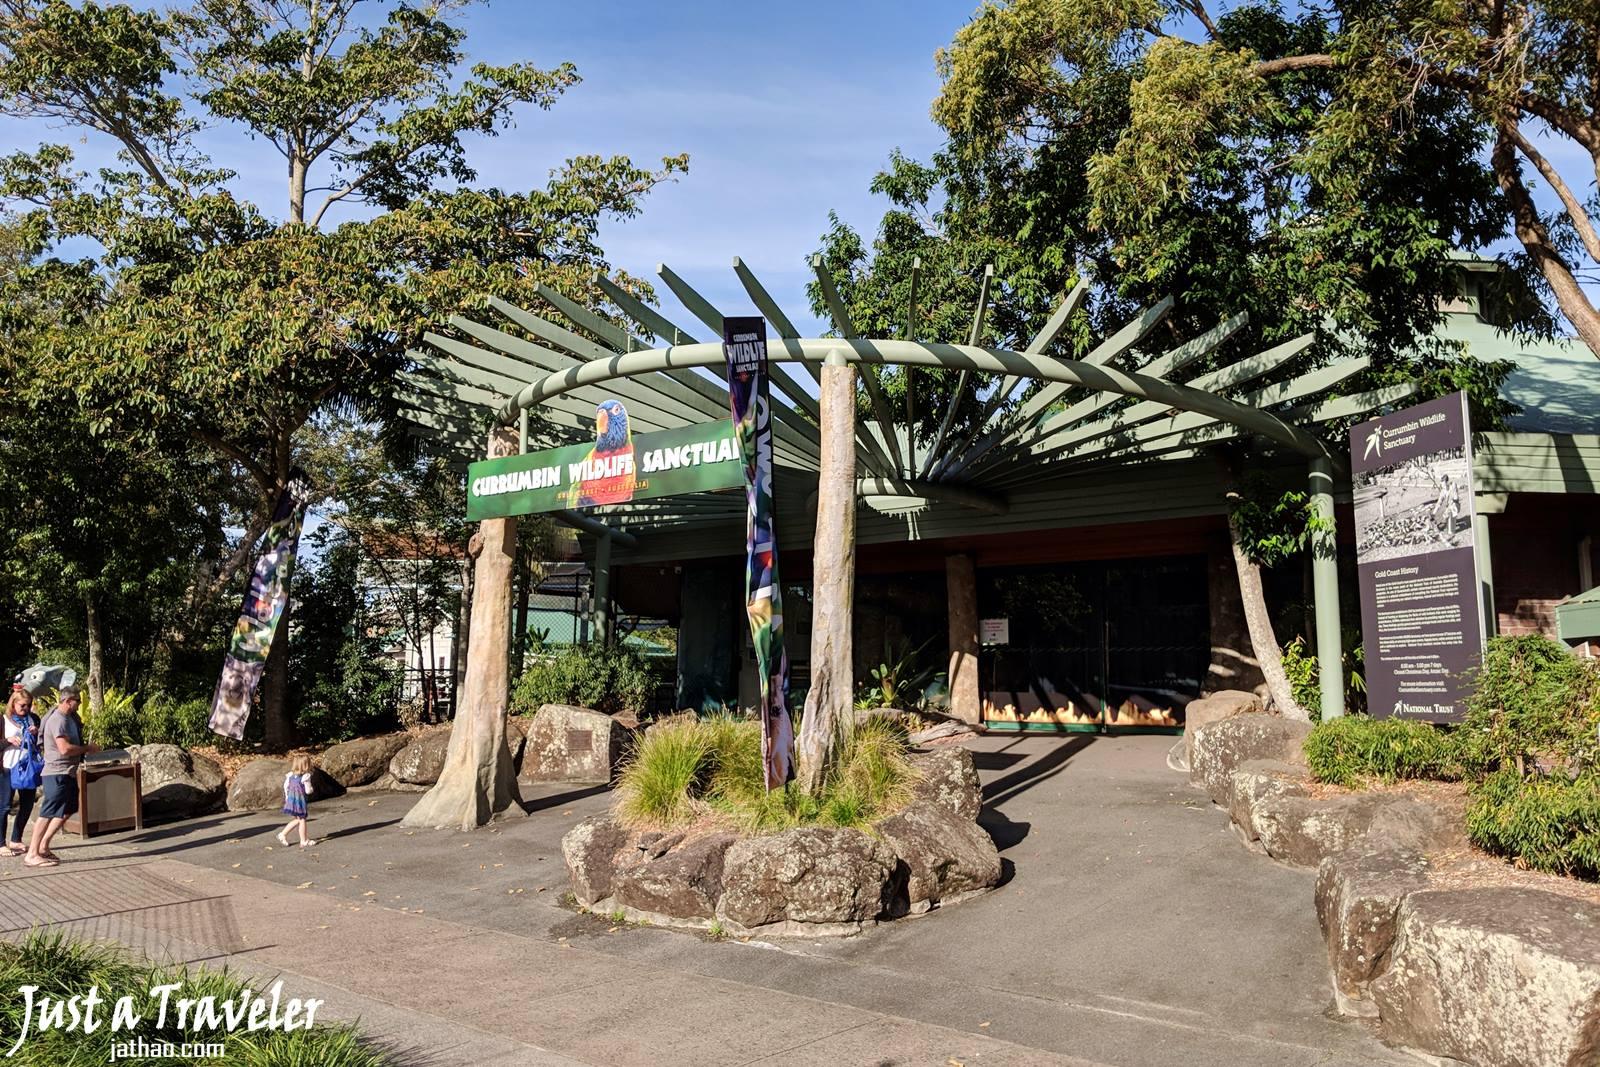 澳洲-昆士蘭-布里斯本-黃金海岸-動物園-可倫賓-庫倫賓野生動物保護區-Currumbin-Wildlife-Sanctuary-推薦-必玩-必去-自由行-景點-旅遊-Australia-Zoo